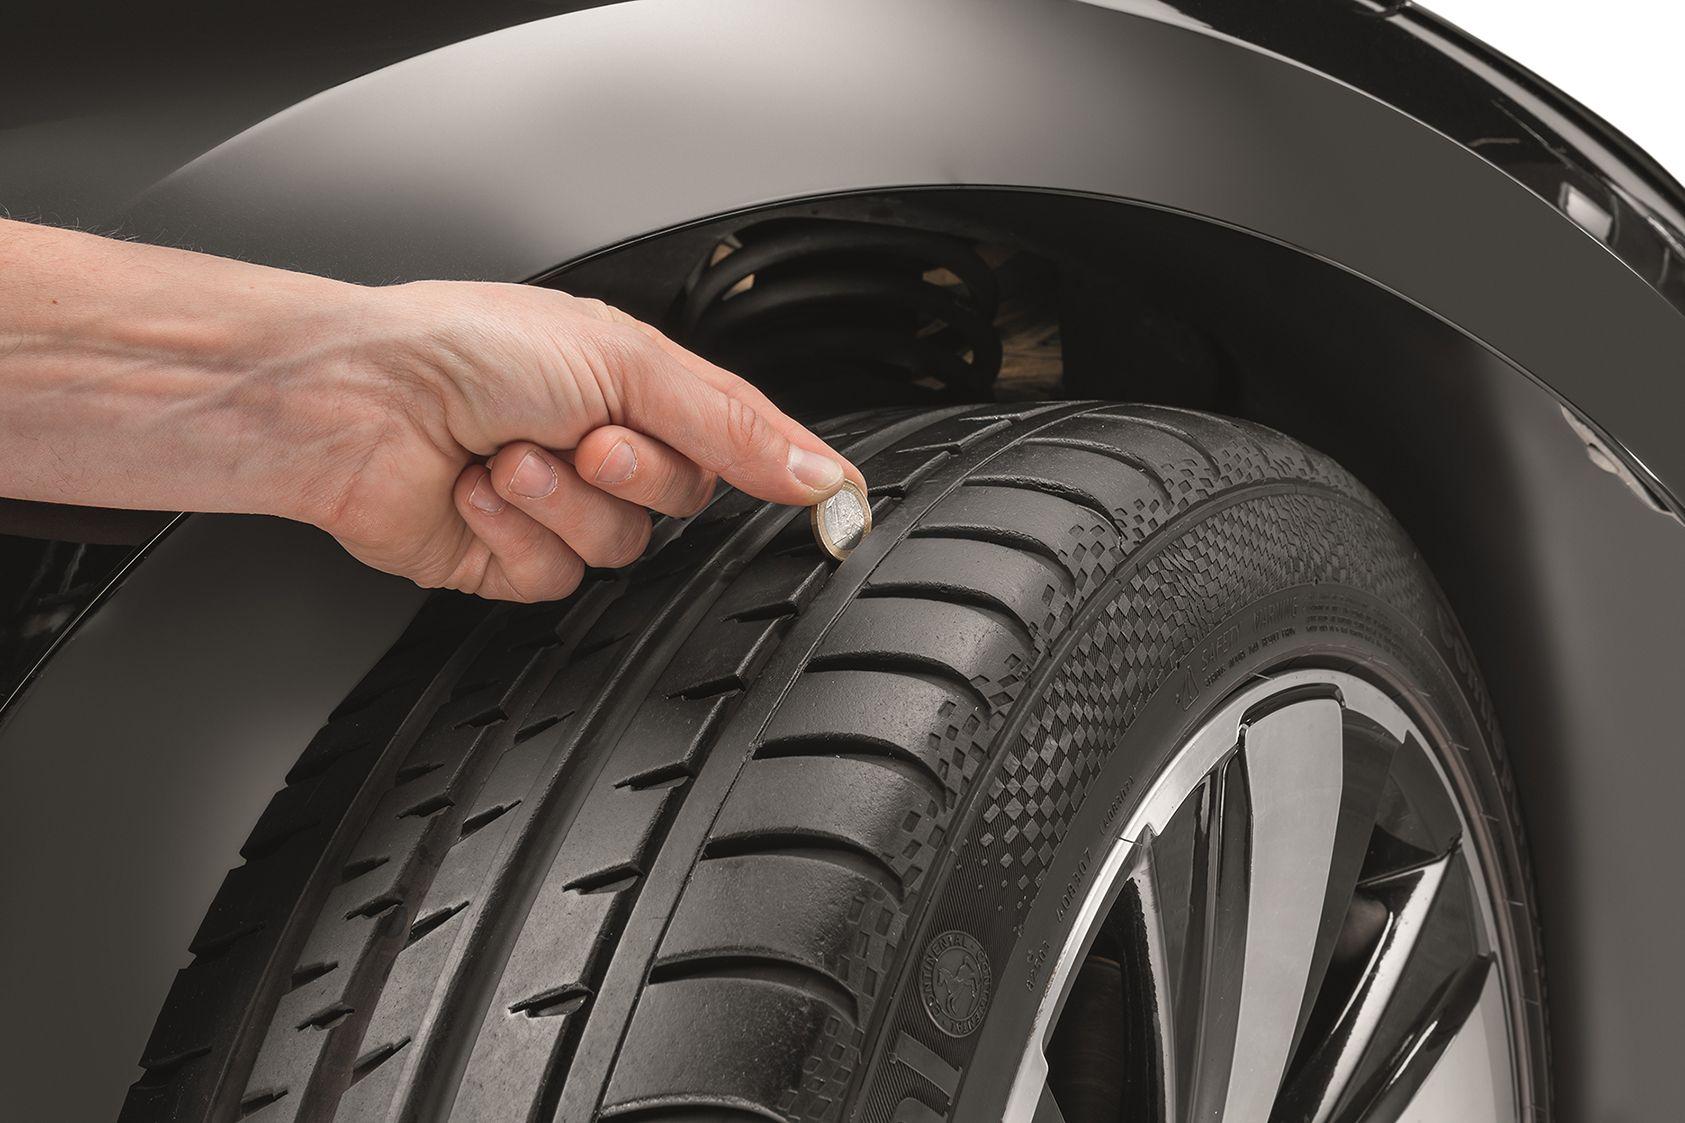 Consejos para aumentar la vida útil de los neumáticos